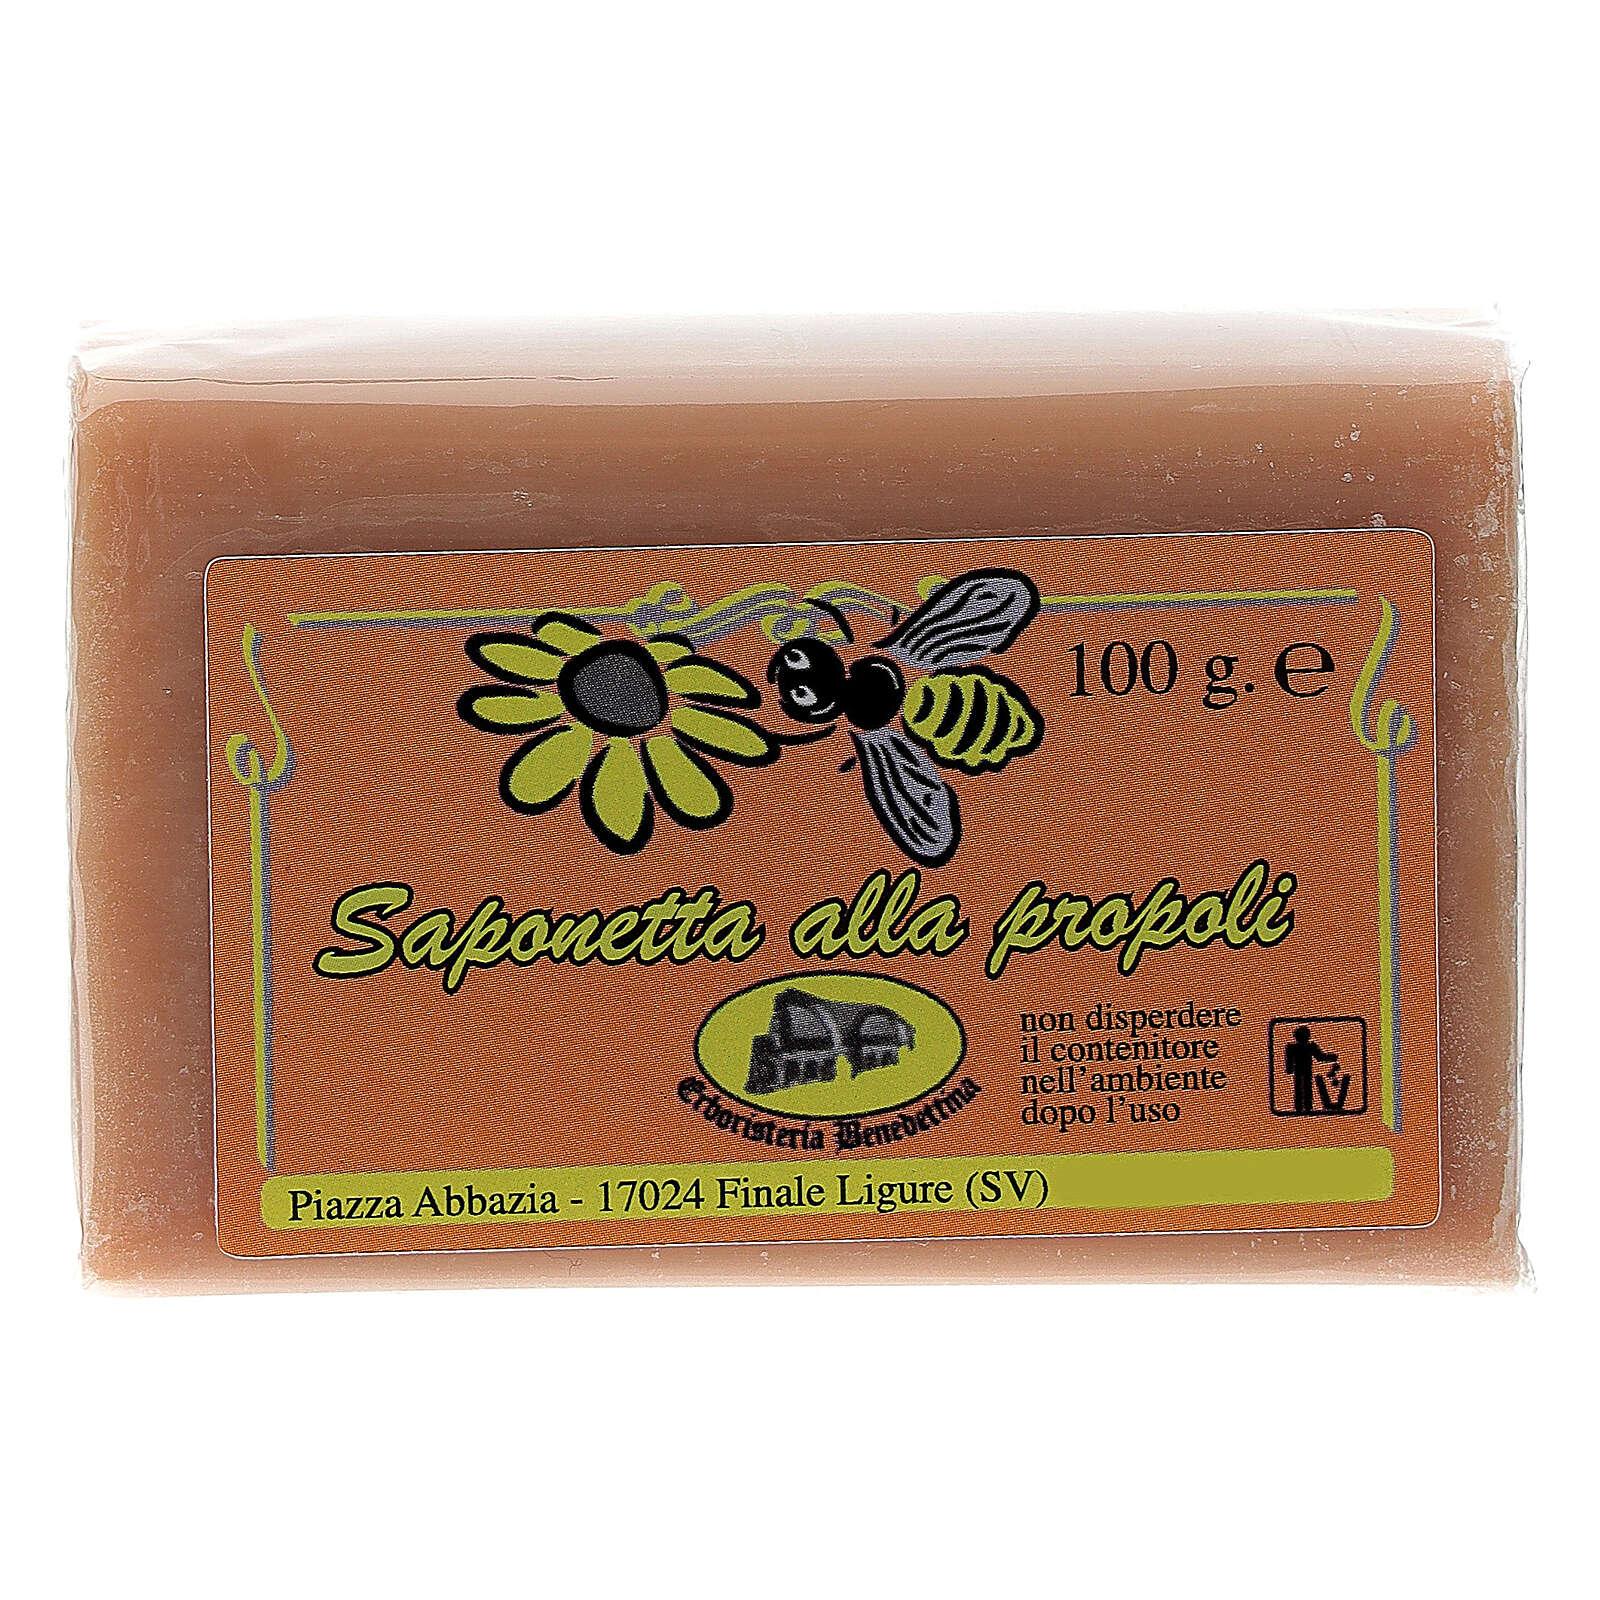 Bee propolis soap 4